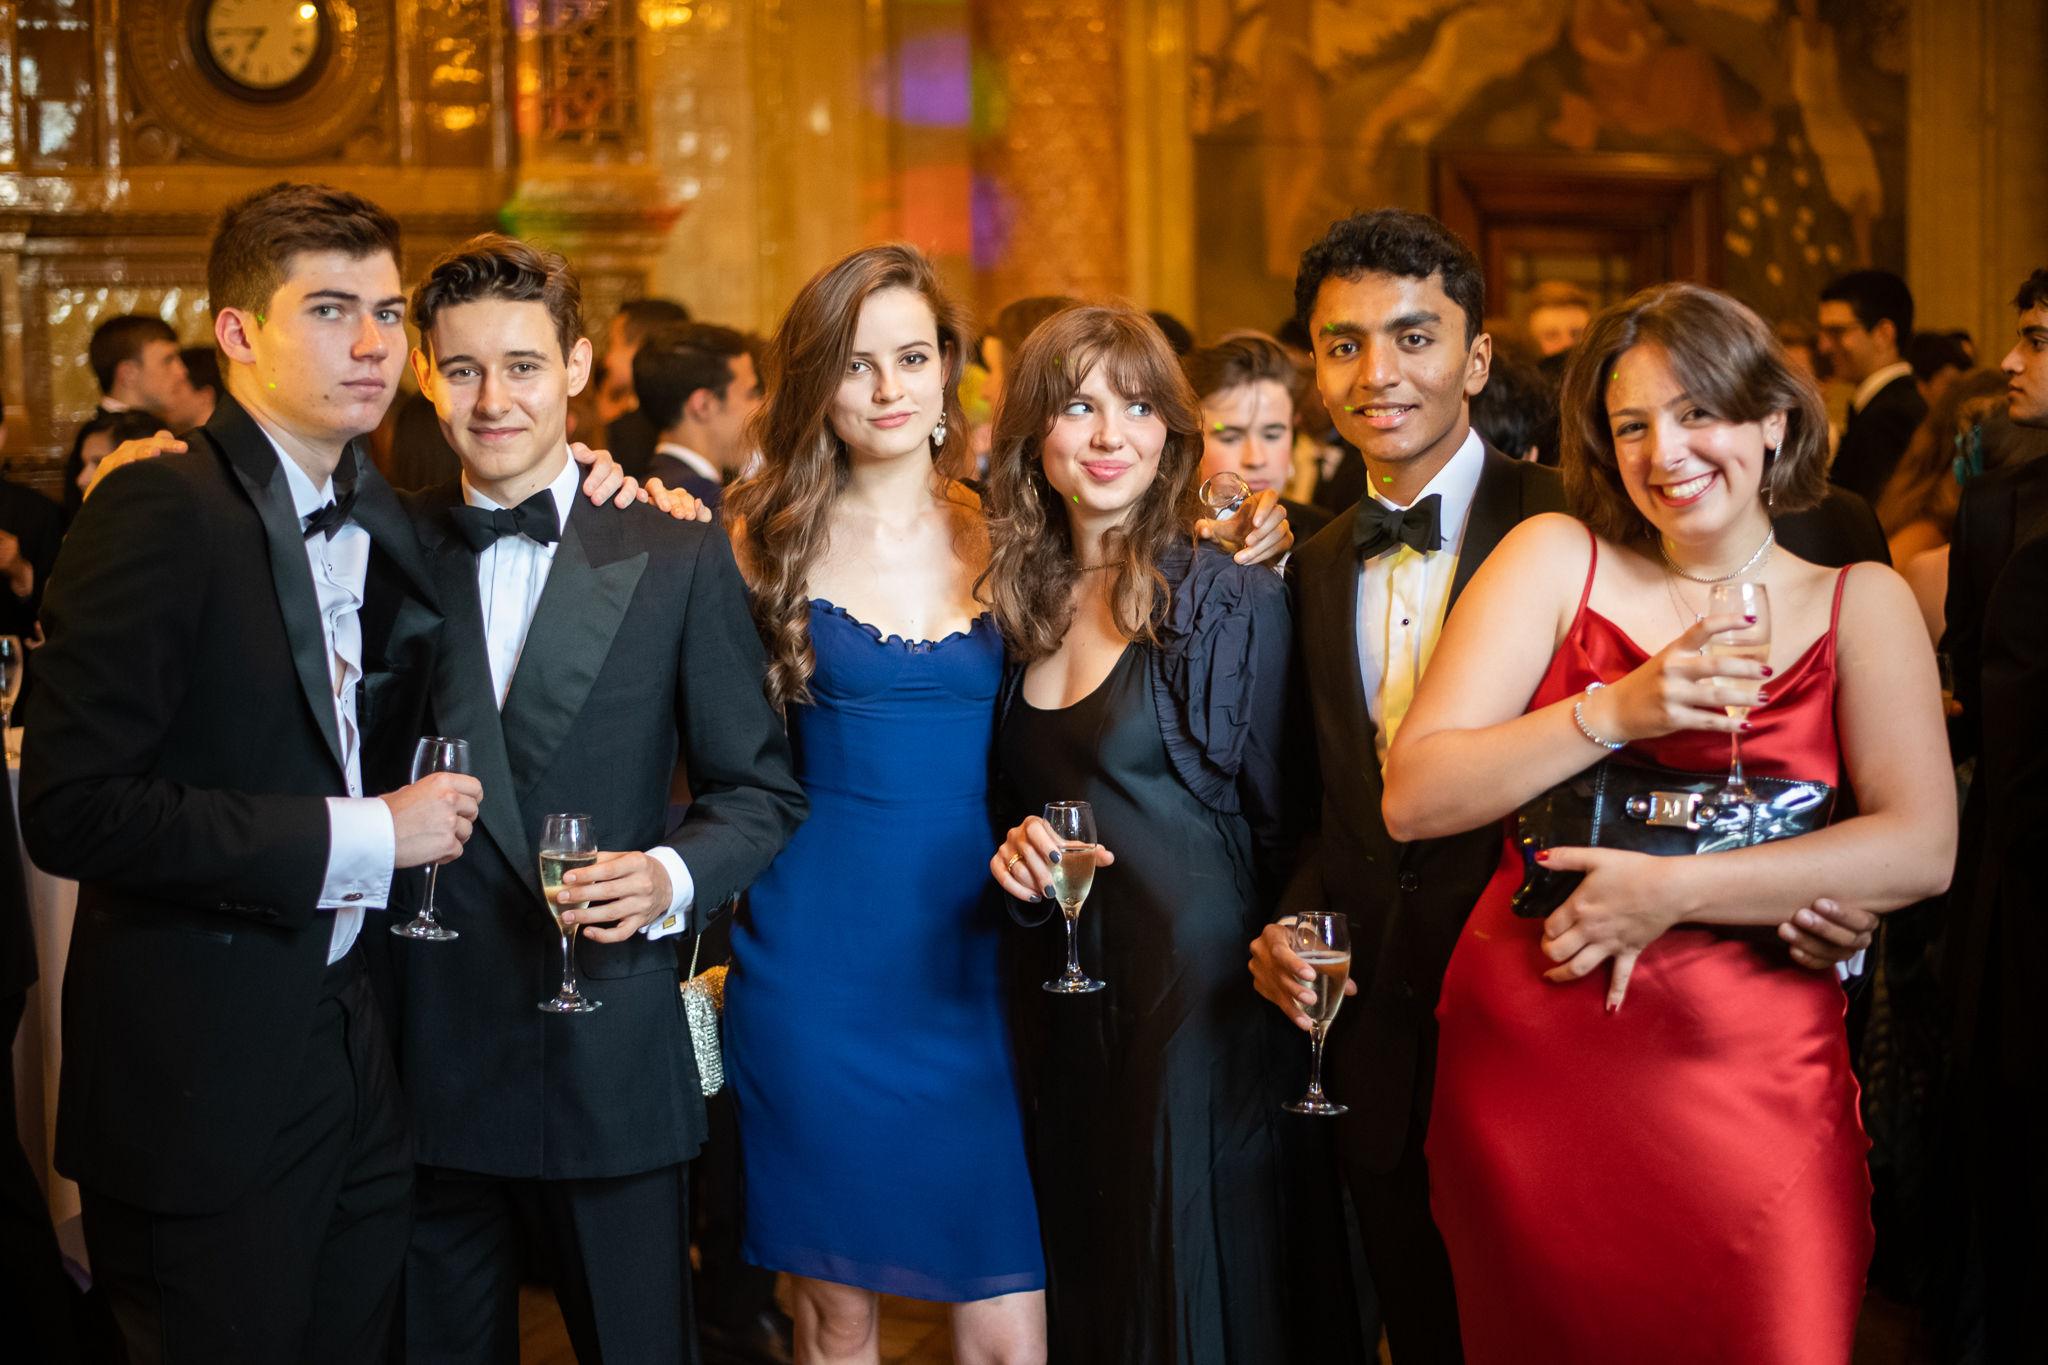 Westminster_Ball-25.jpg